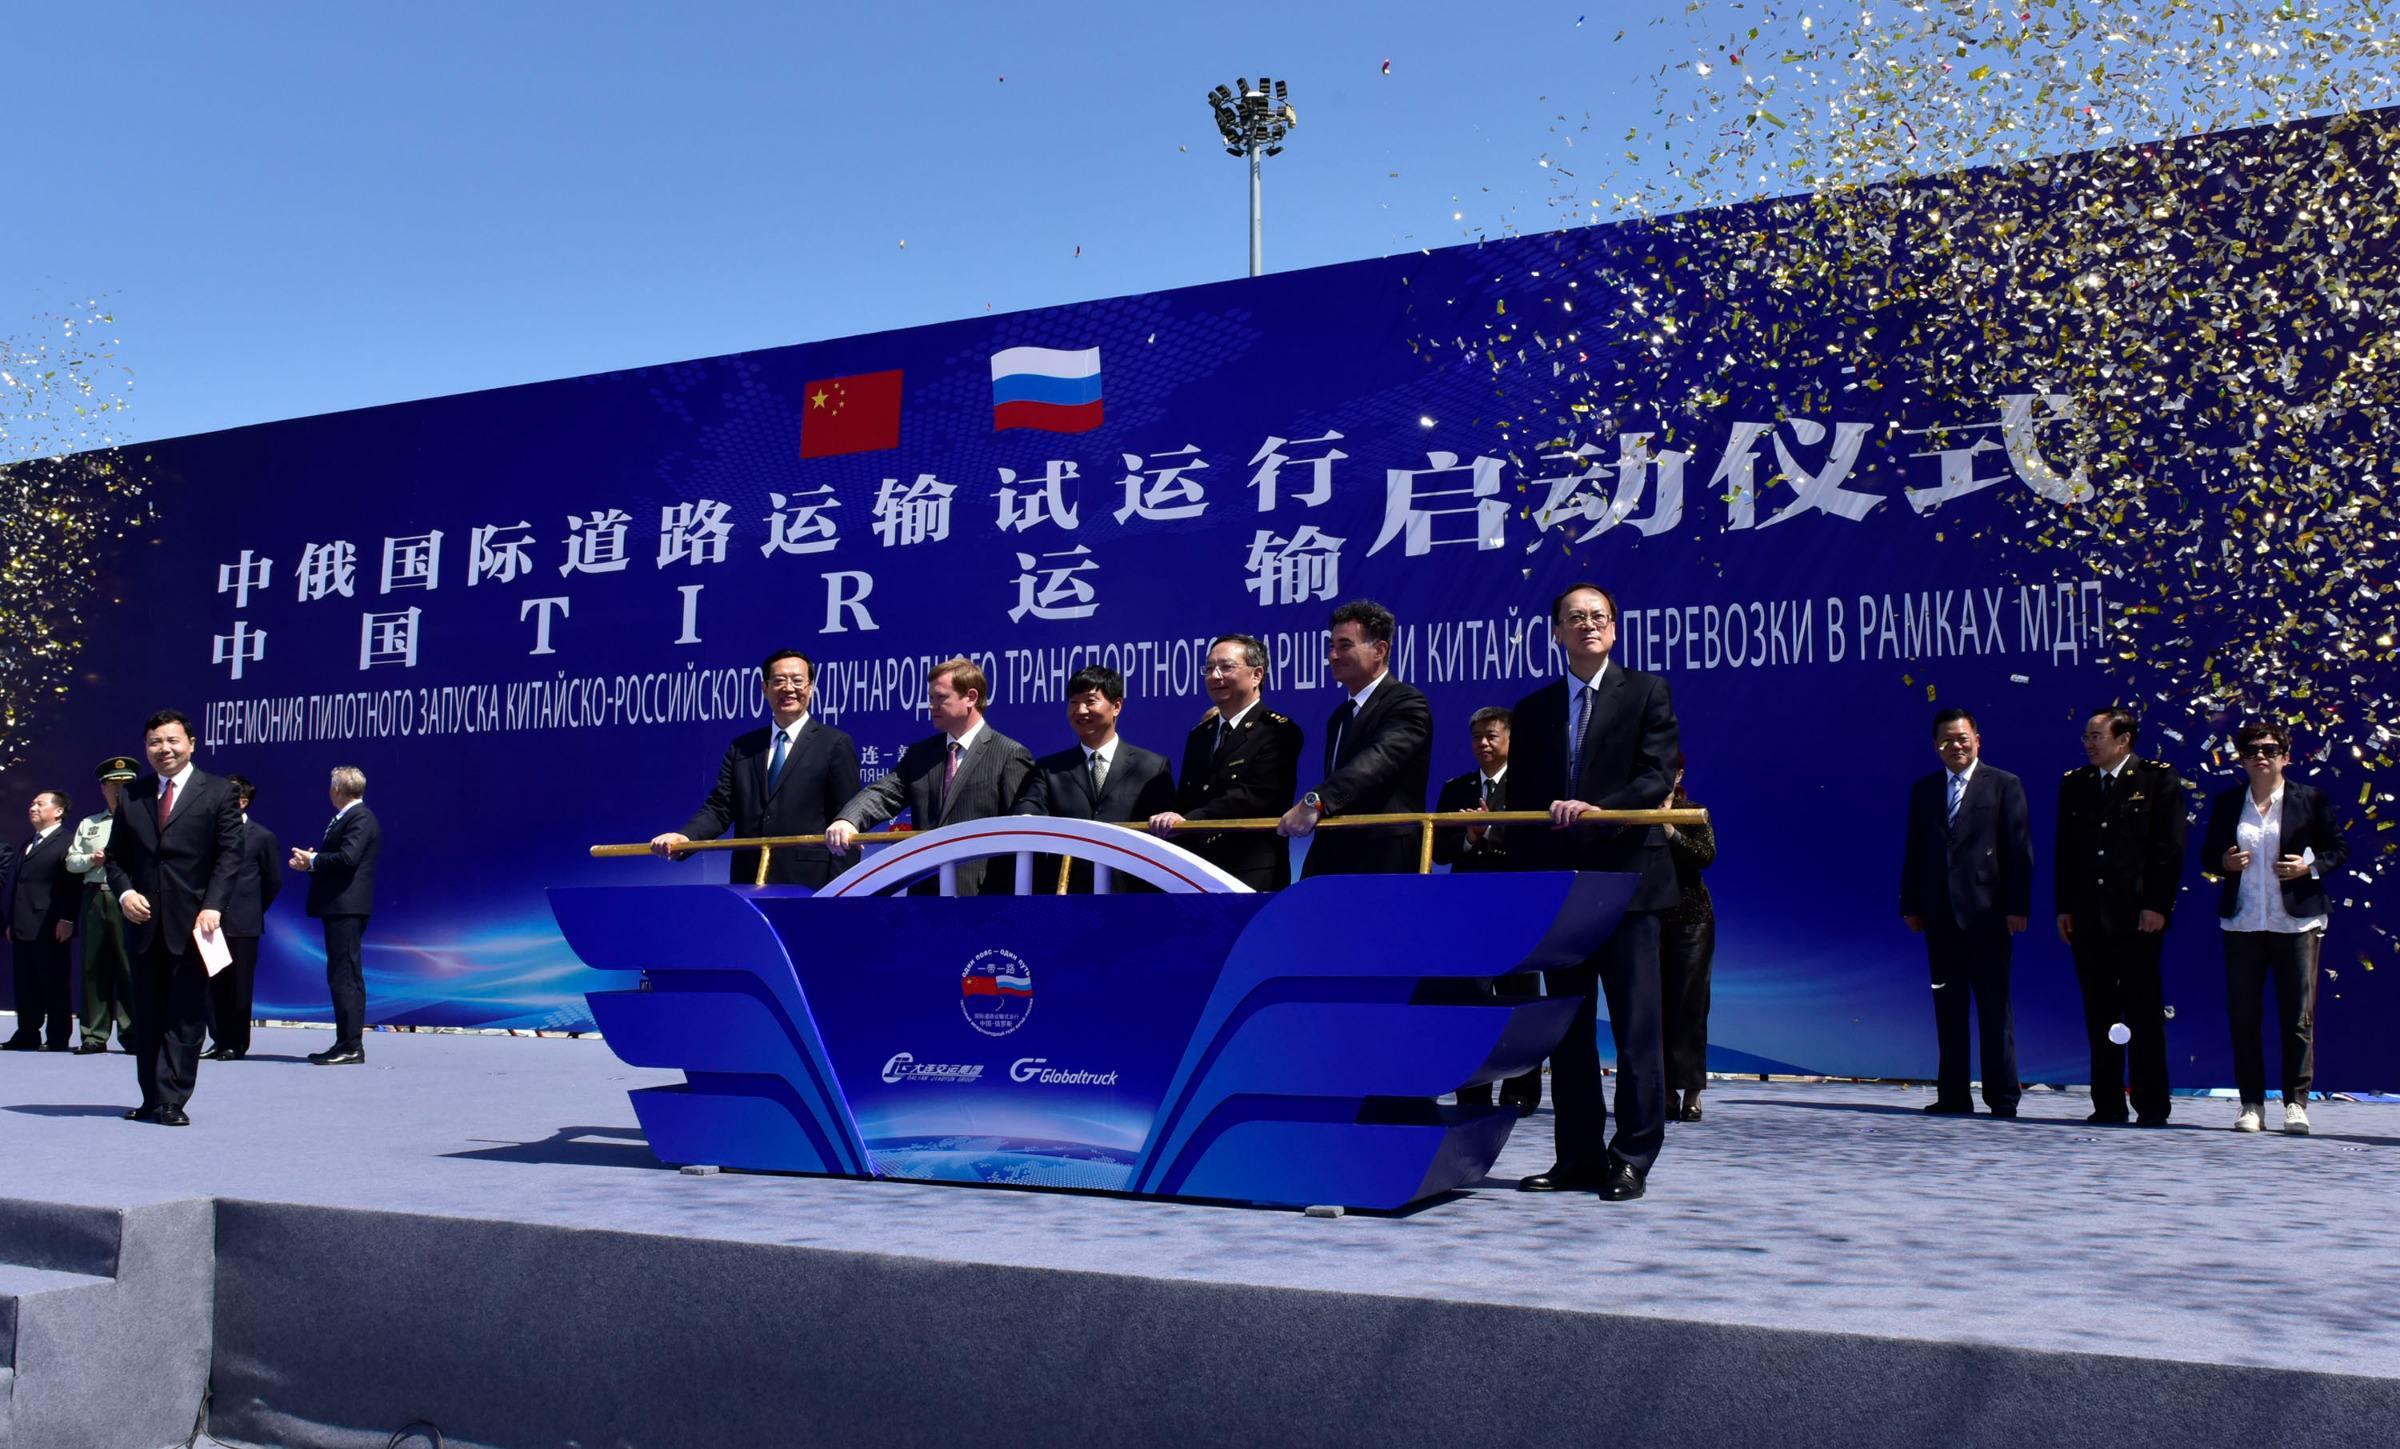 【航运资讯】中国正式启动全境TIR运输,船公司再掀「大船热」